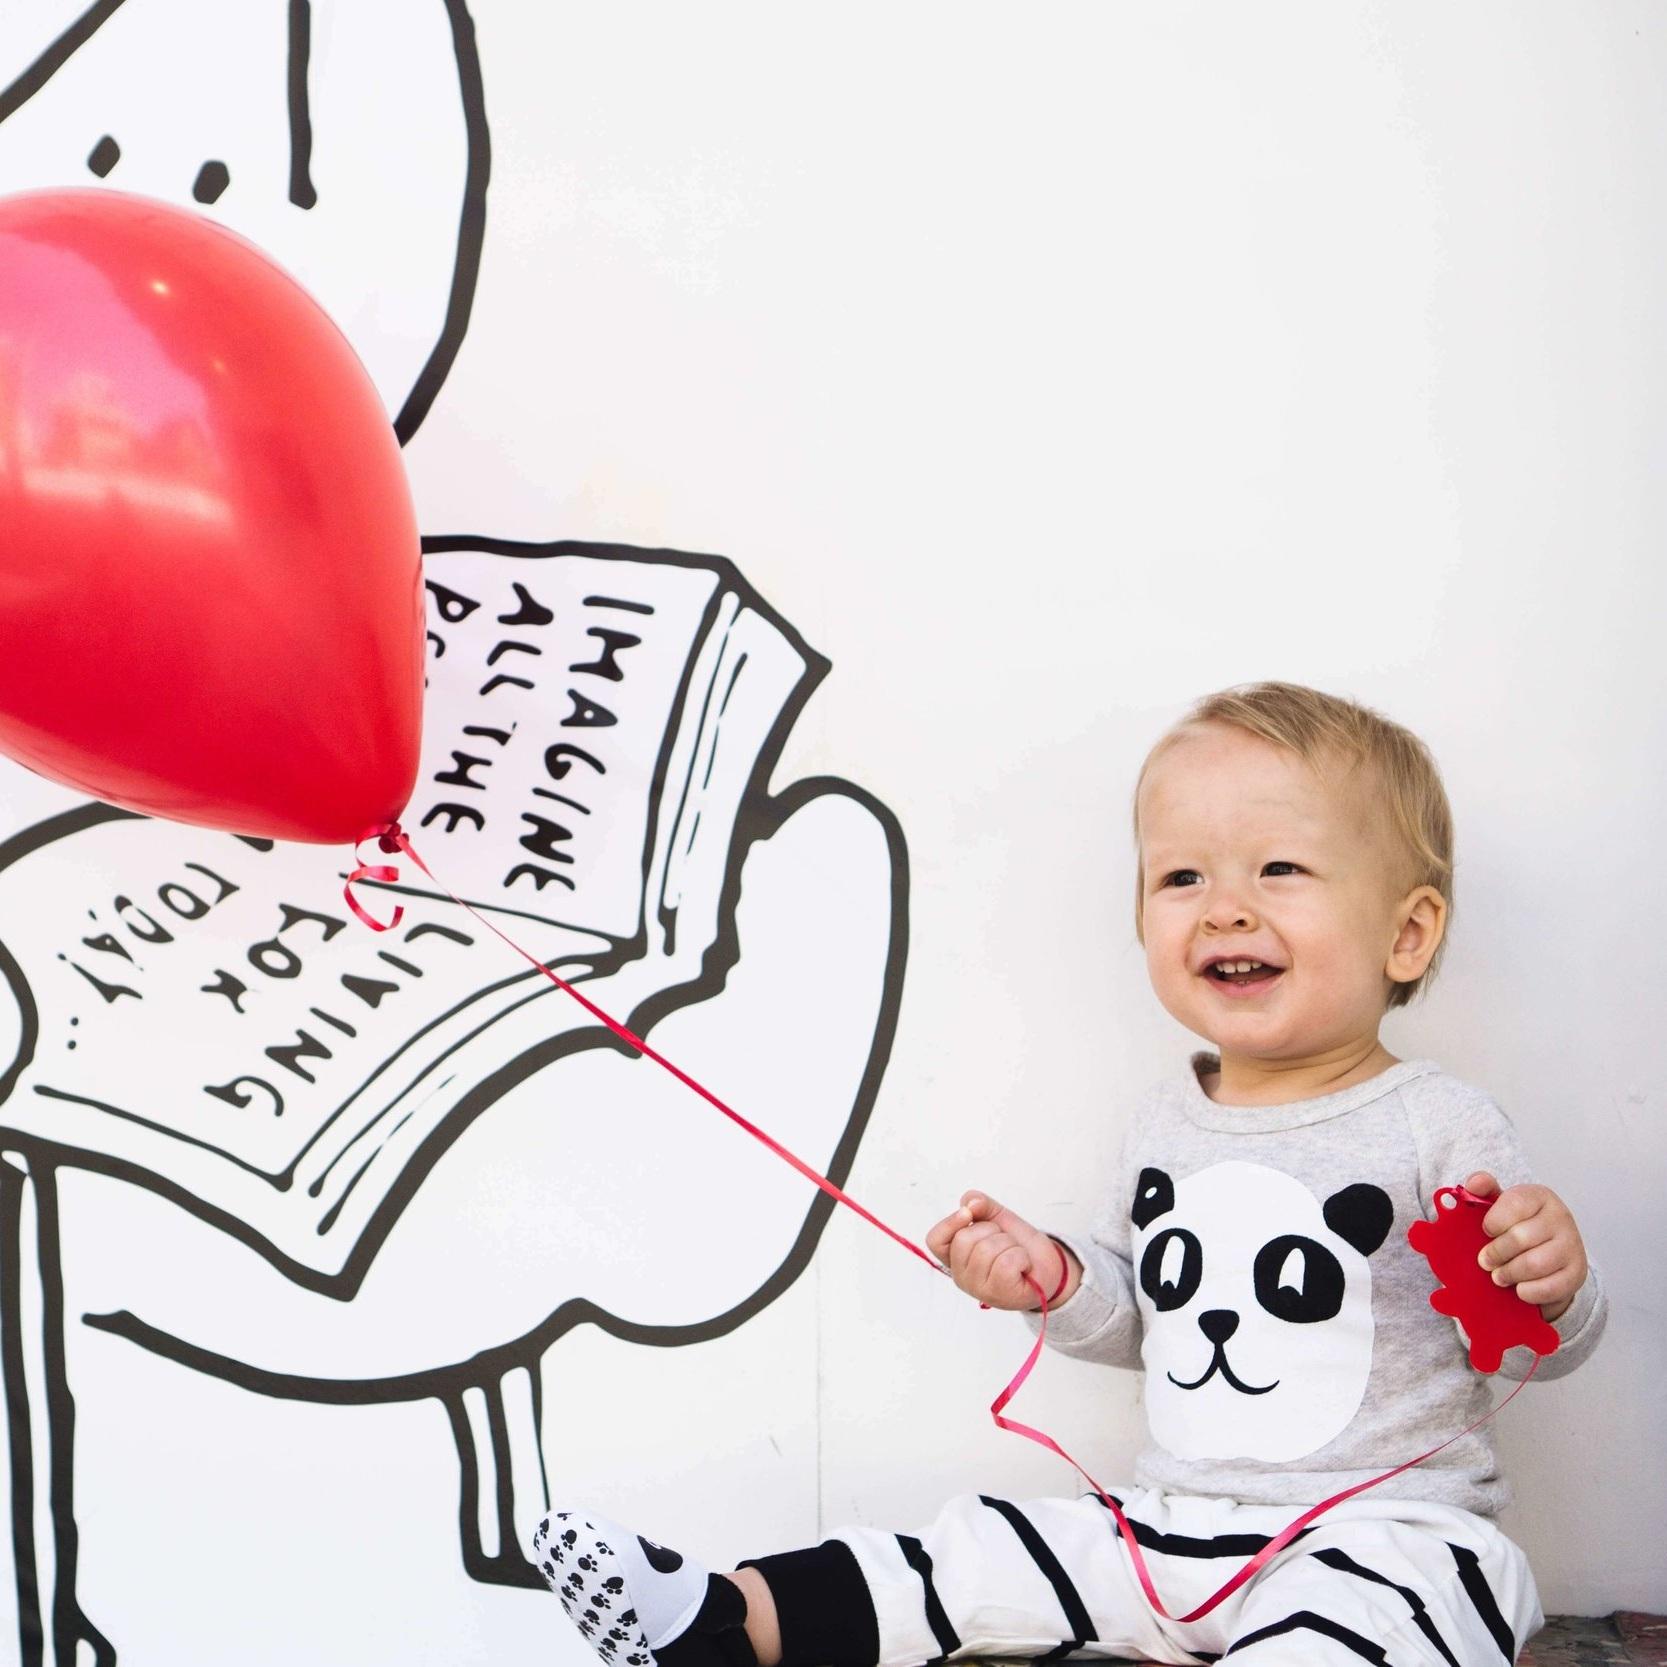 4. Mælkesyrebakterier kan anvendes af børn i alle aldre? - Både af foster, spædbørn, det ammede barn og små børn.